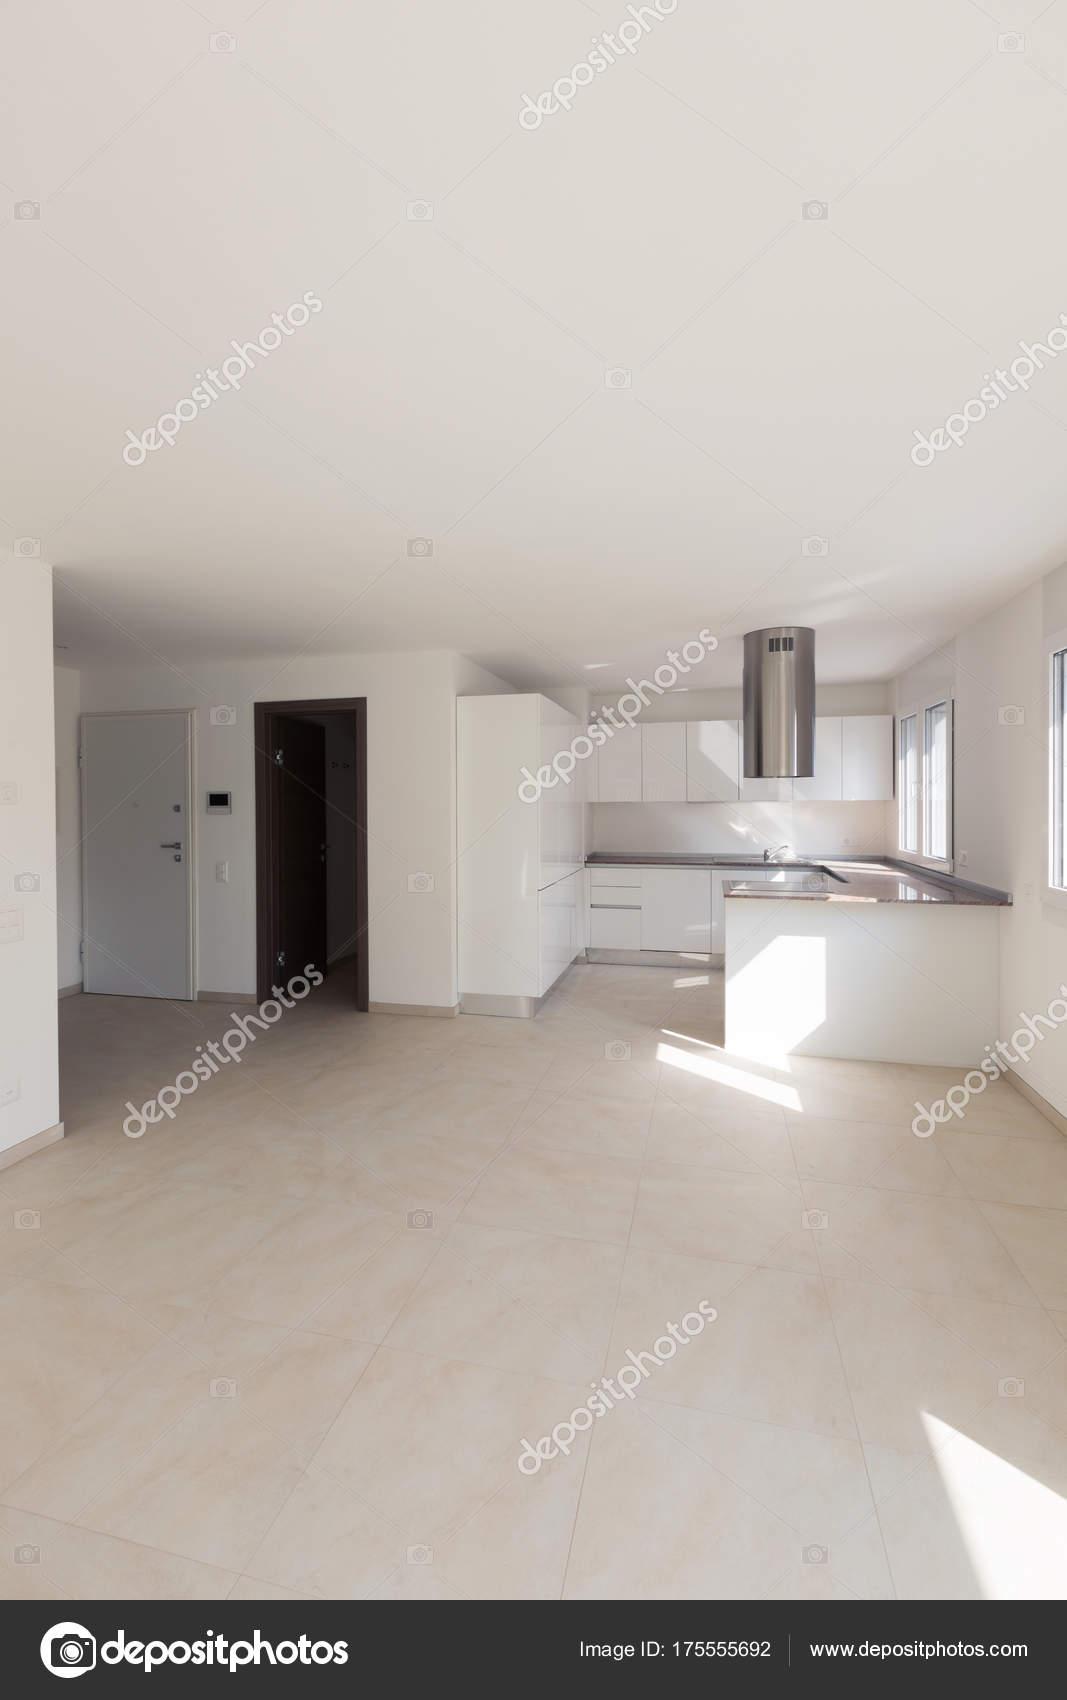 Moderno apartamento, espacios vacíos, cocina — Foto de stock ...